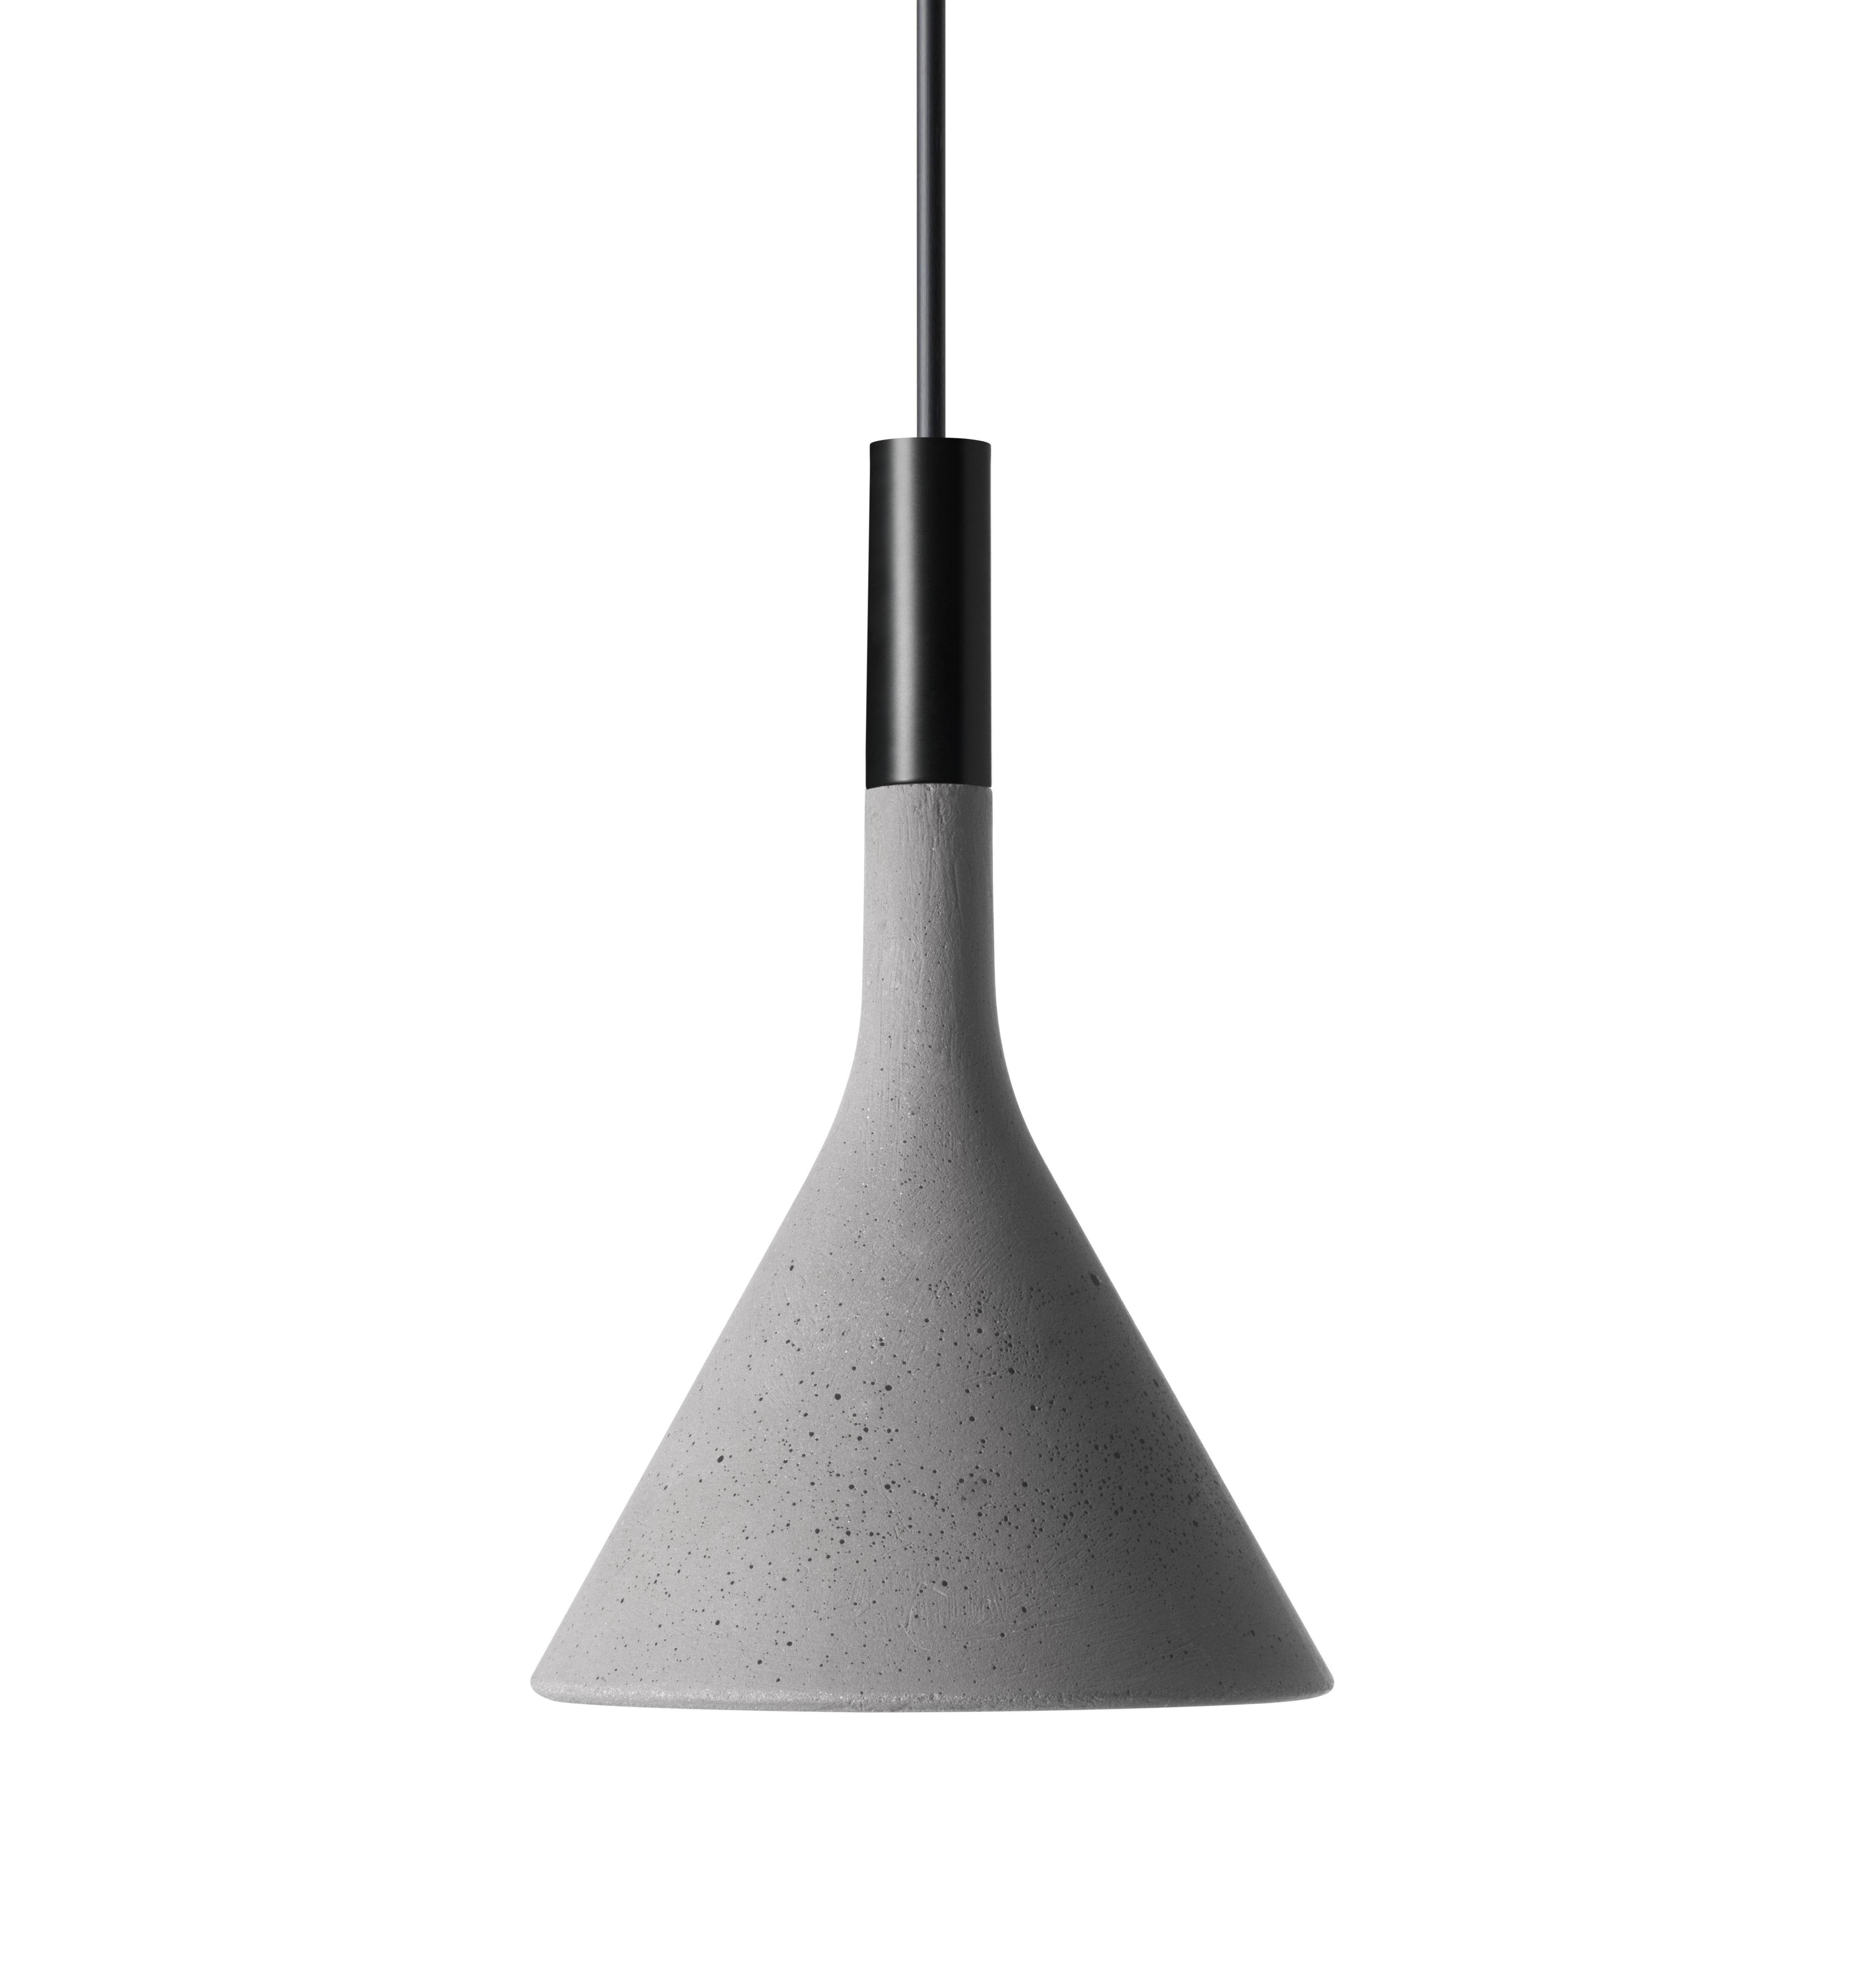 Illuminazione - Lampadari - Sospensione Mini Aplomb / Cemento - H 21 cm - Foscarini - Grigio cemento - Cemento